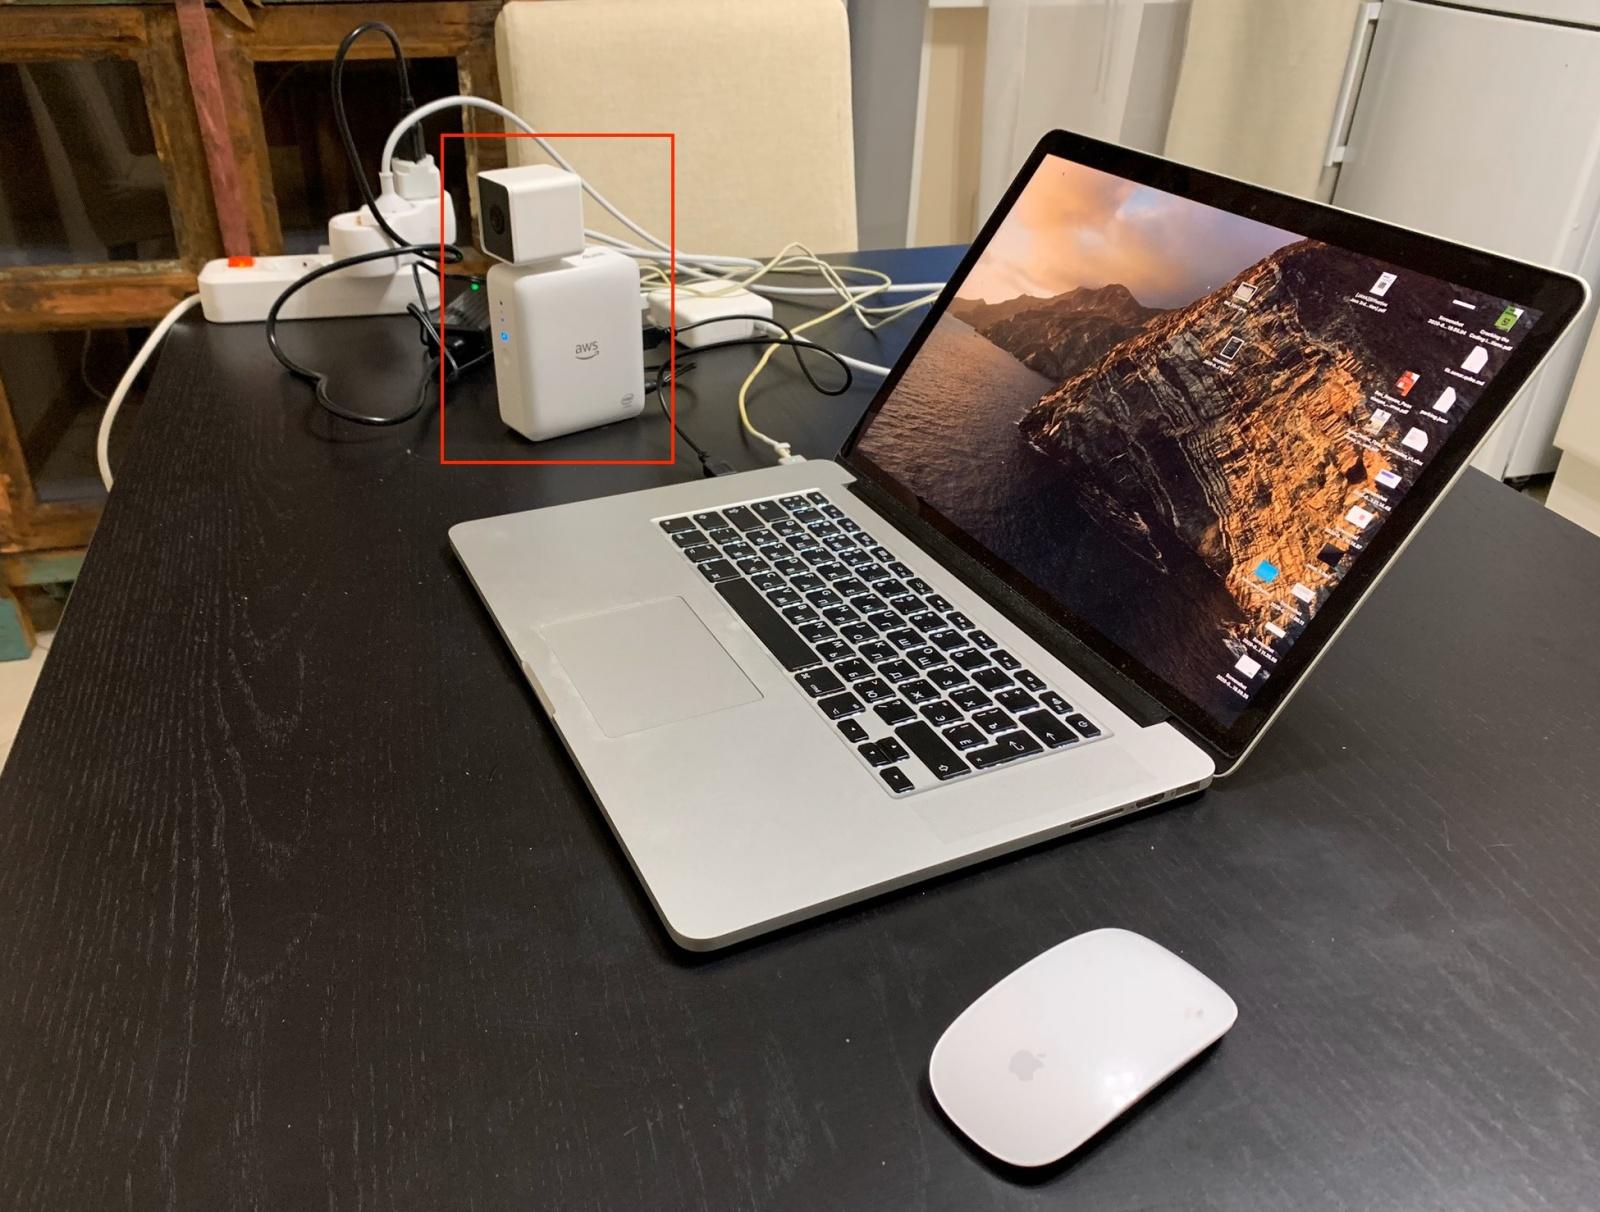 Камера Amazon DeepLens с глубоким обучением. Распаковка, подключение и развертывание проекта - 8